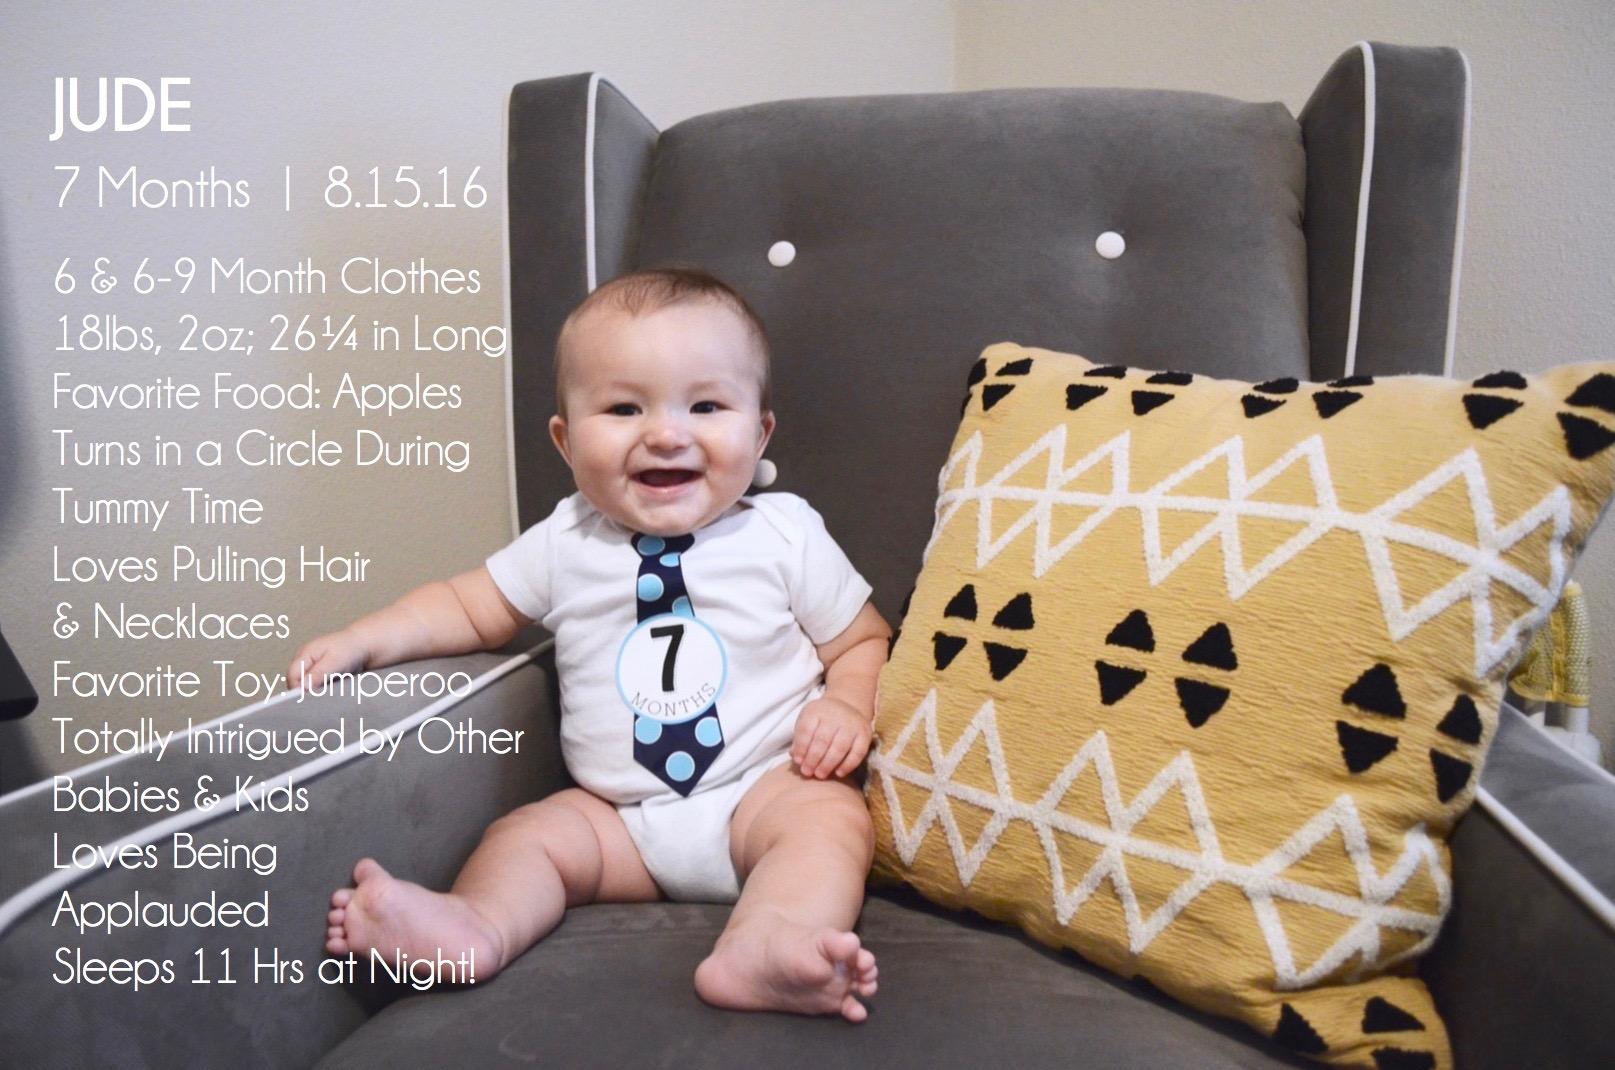 Jude - 7 Months (1)